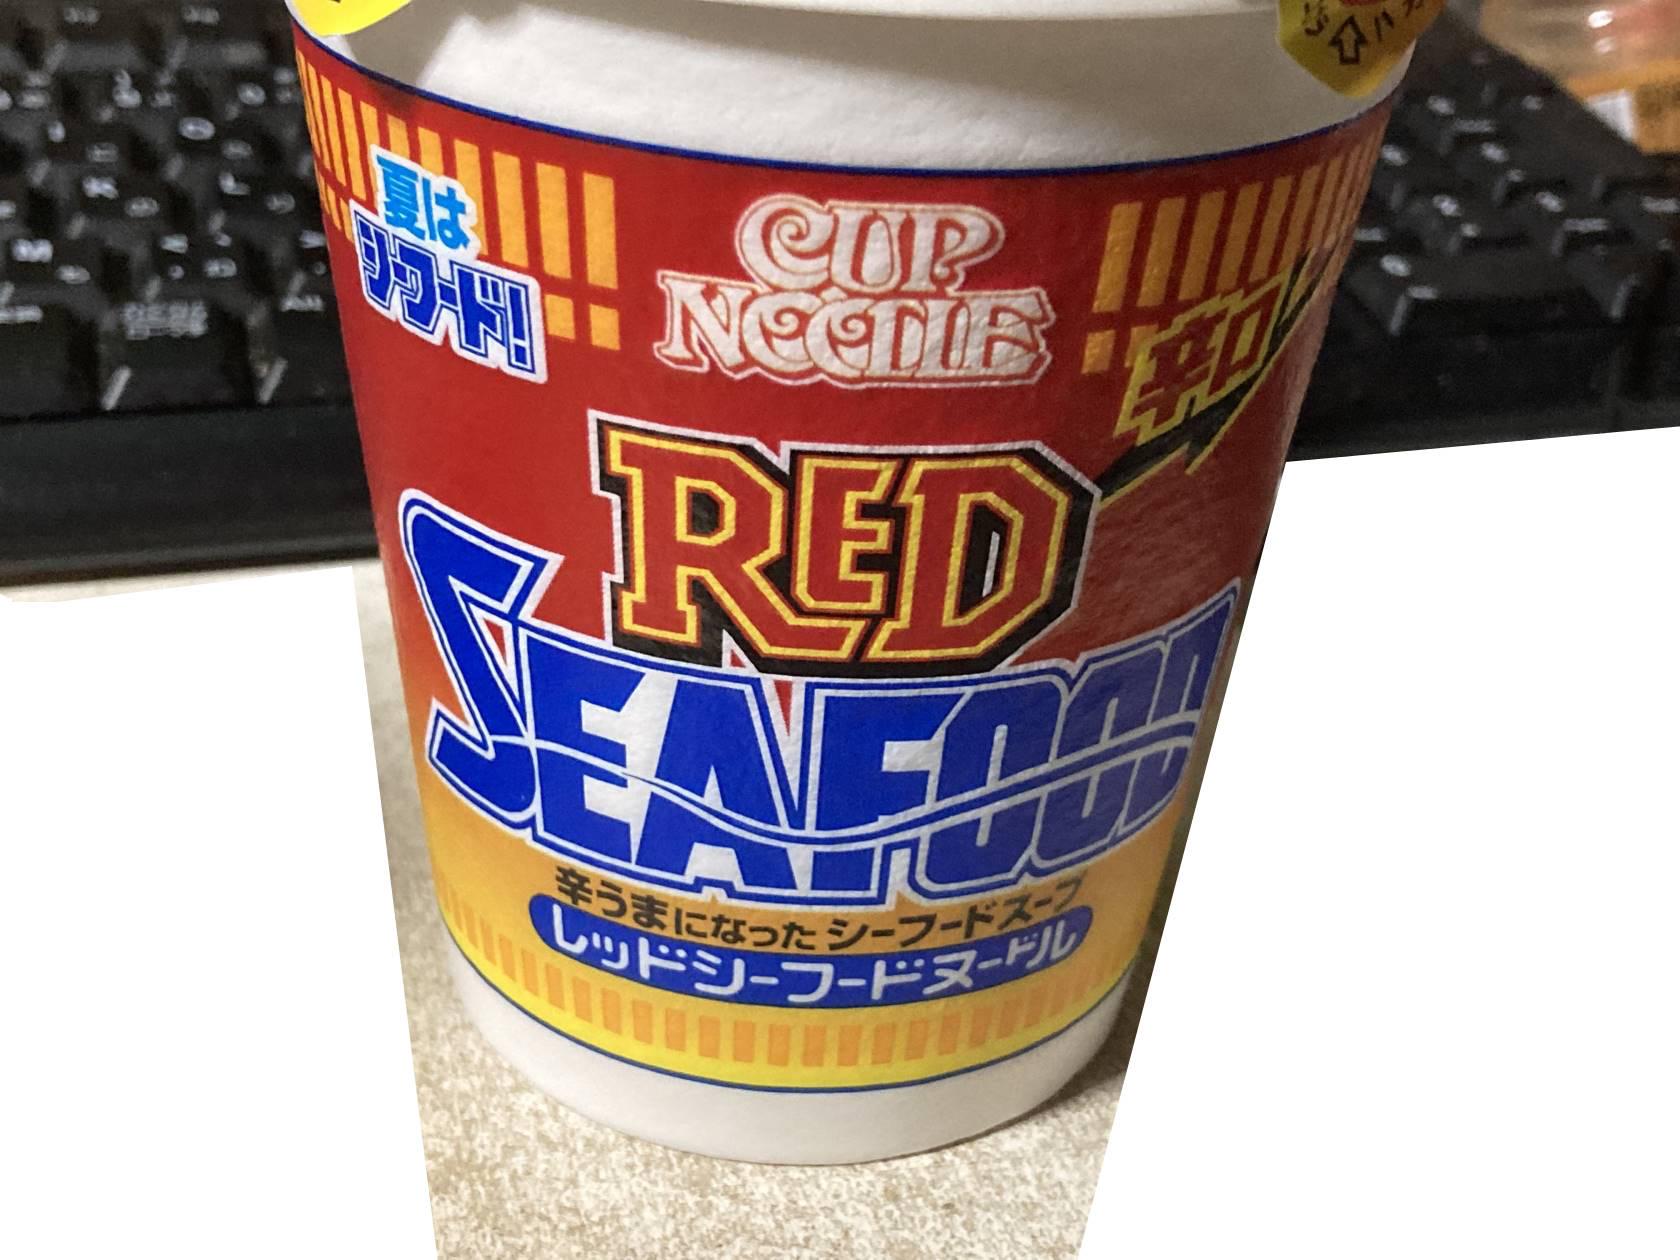 日清 カップヌードル レッドシーフードヌードル カップラーメン